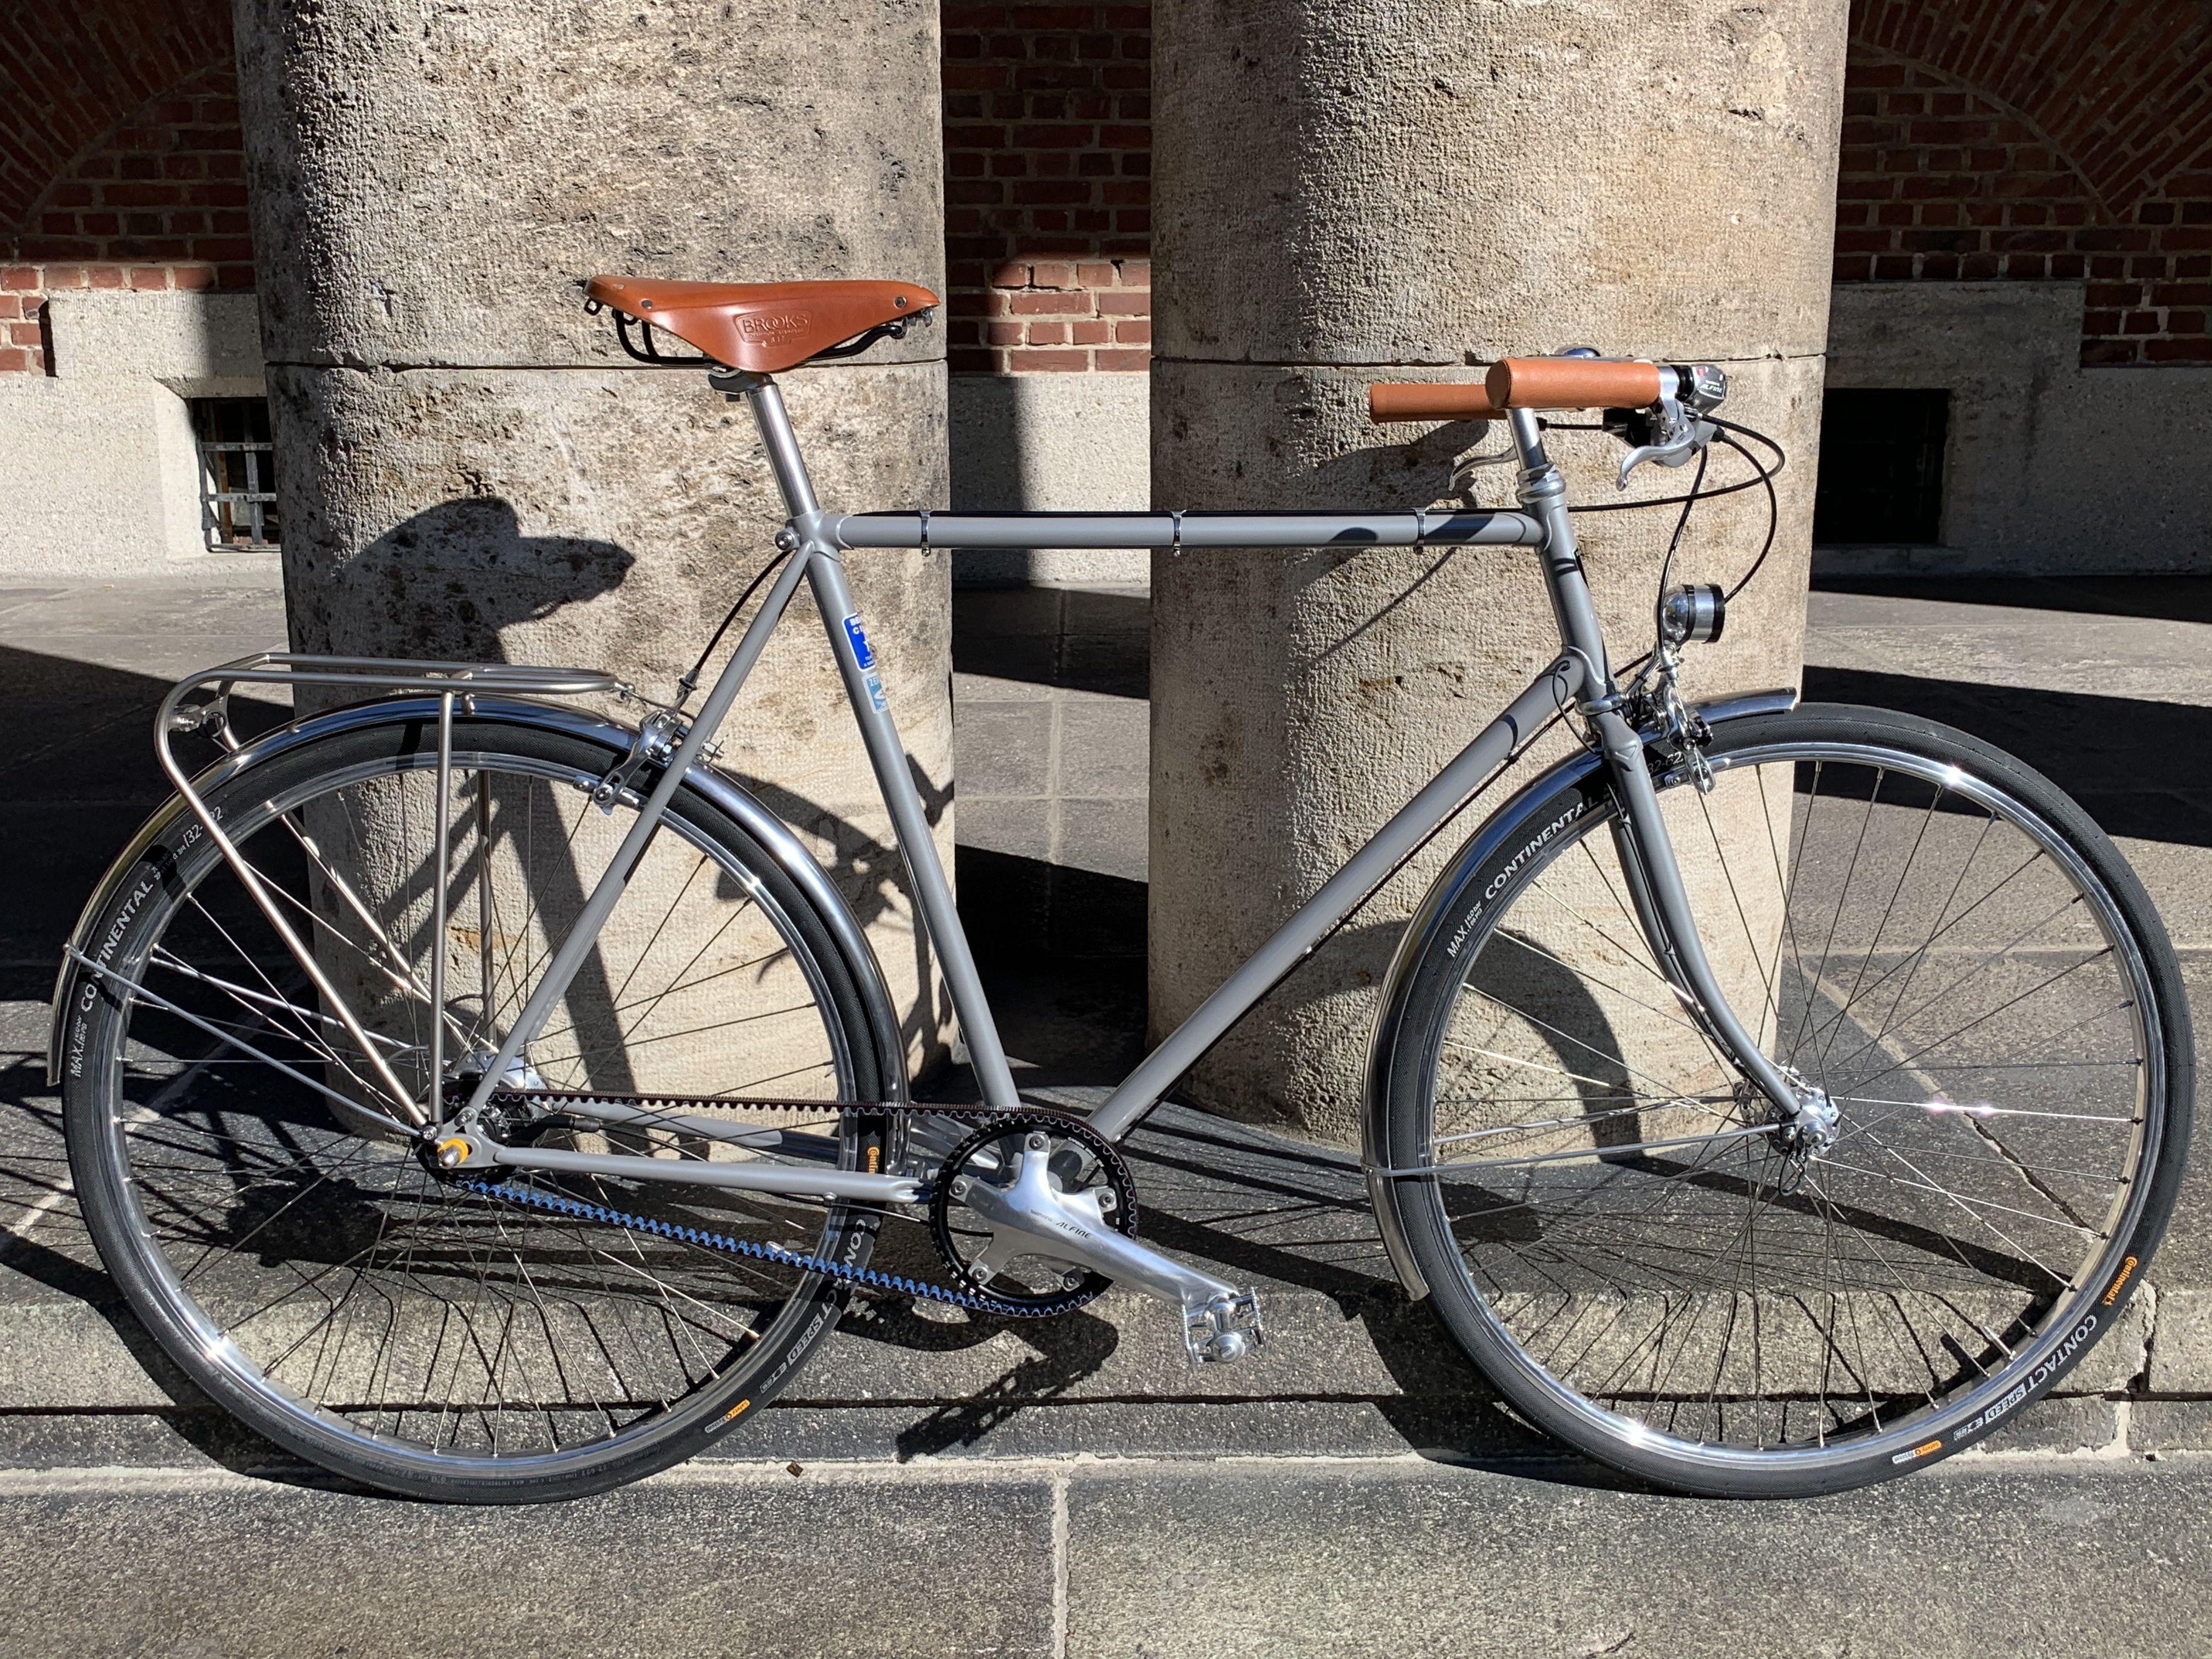 Bella Ciao Ingegnere Z Fahrradmarken Rad Stahlrahmen